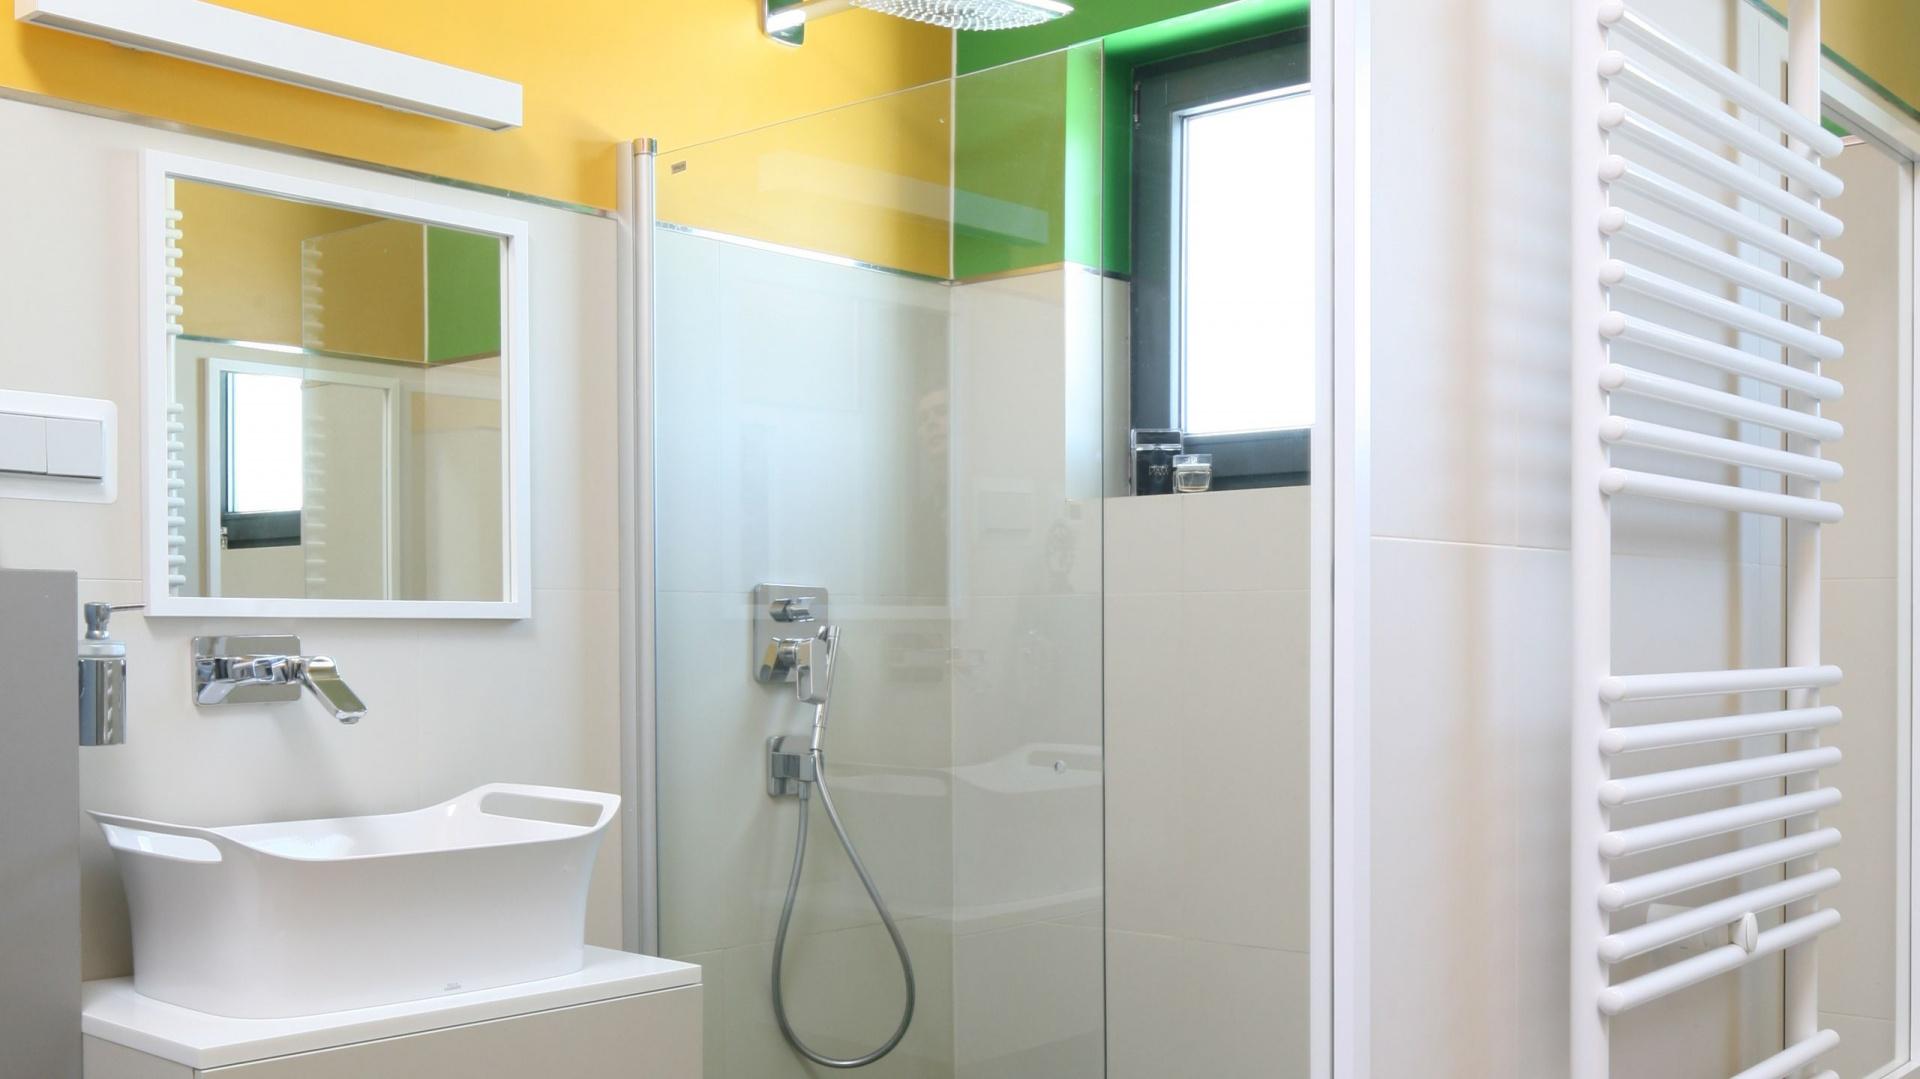 łazienka Dla Rodziny Kolorowe Wnętrze Z Pomysłem